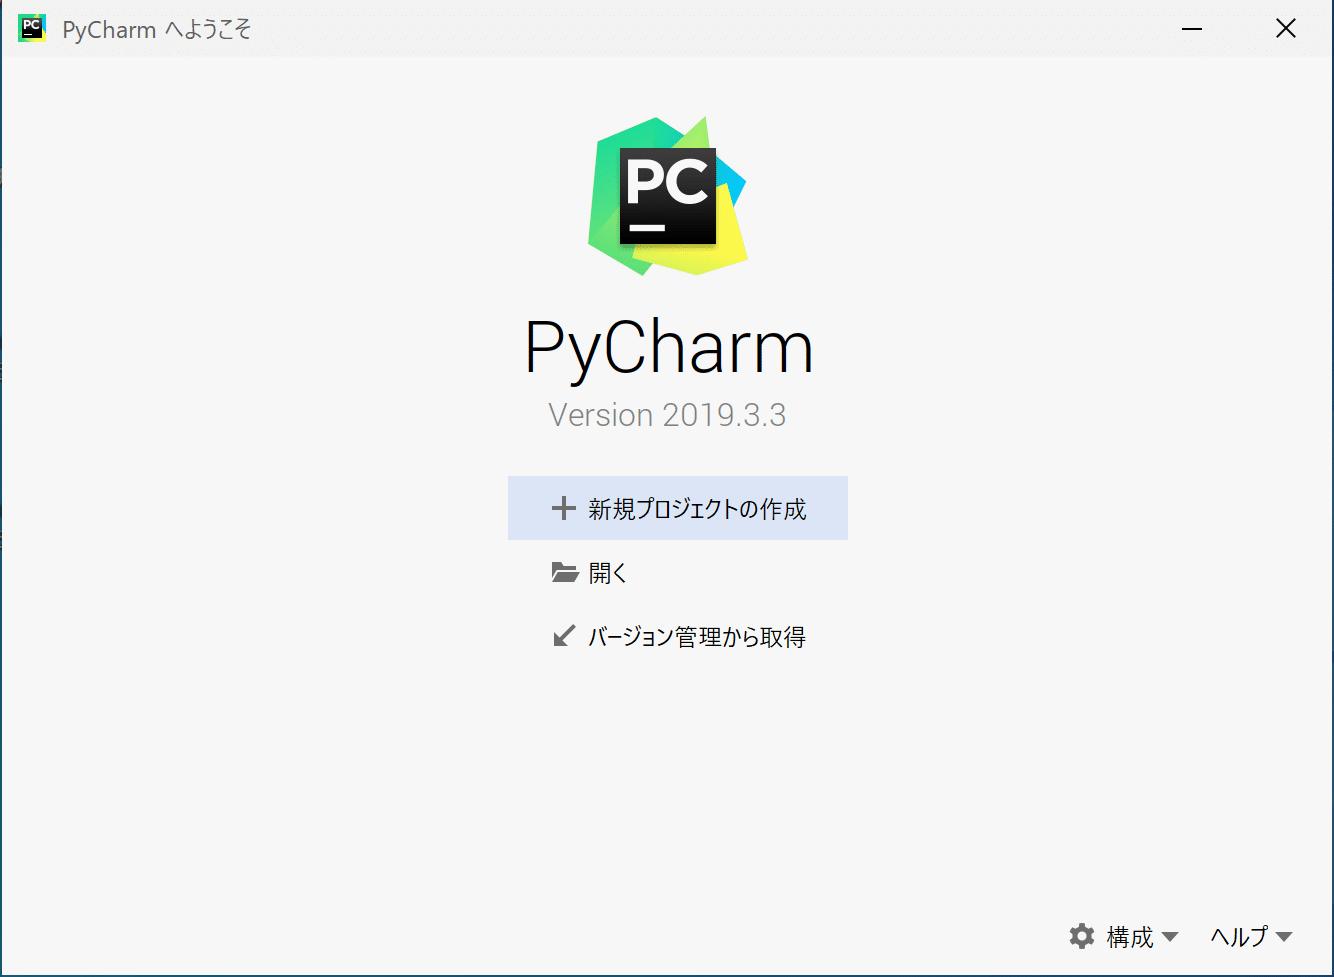 PyCharm13